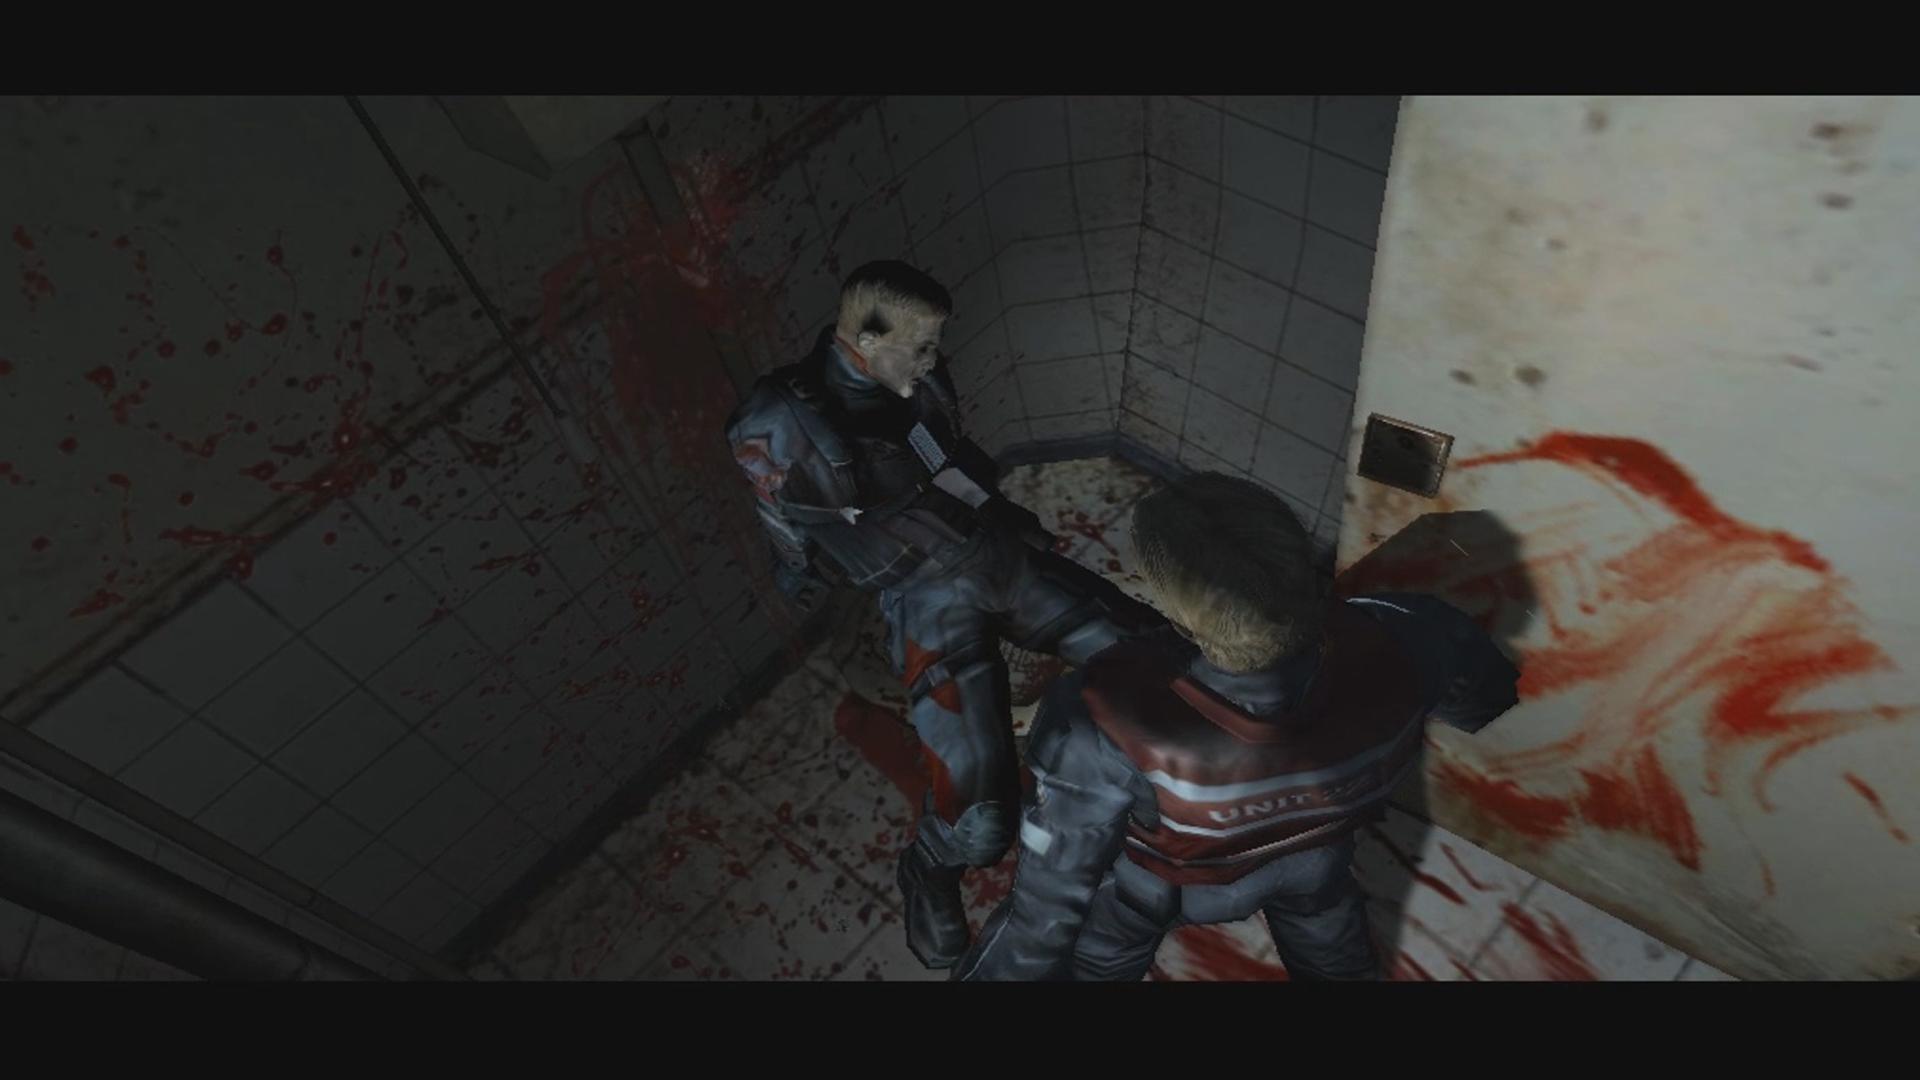 Прохладный Страх   Обзор игры Cold Fear. - Изображение 10